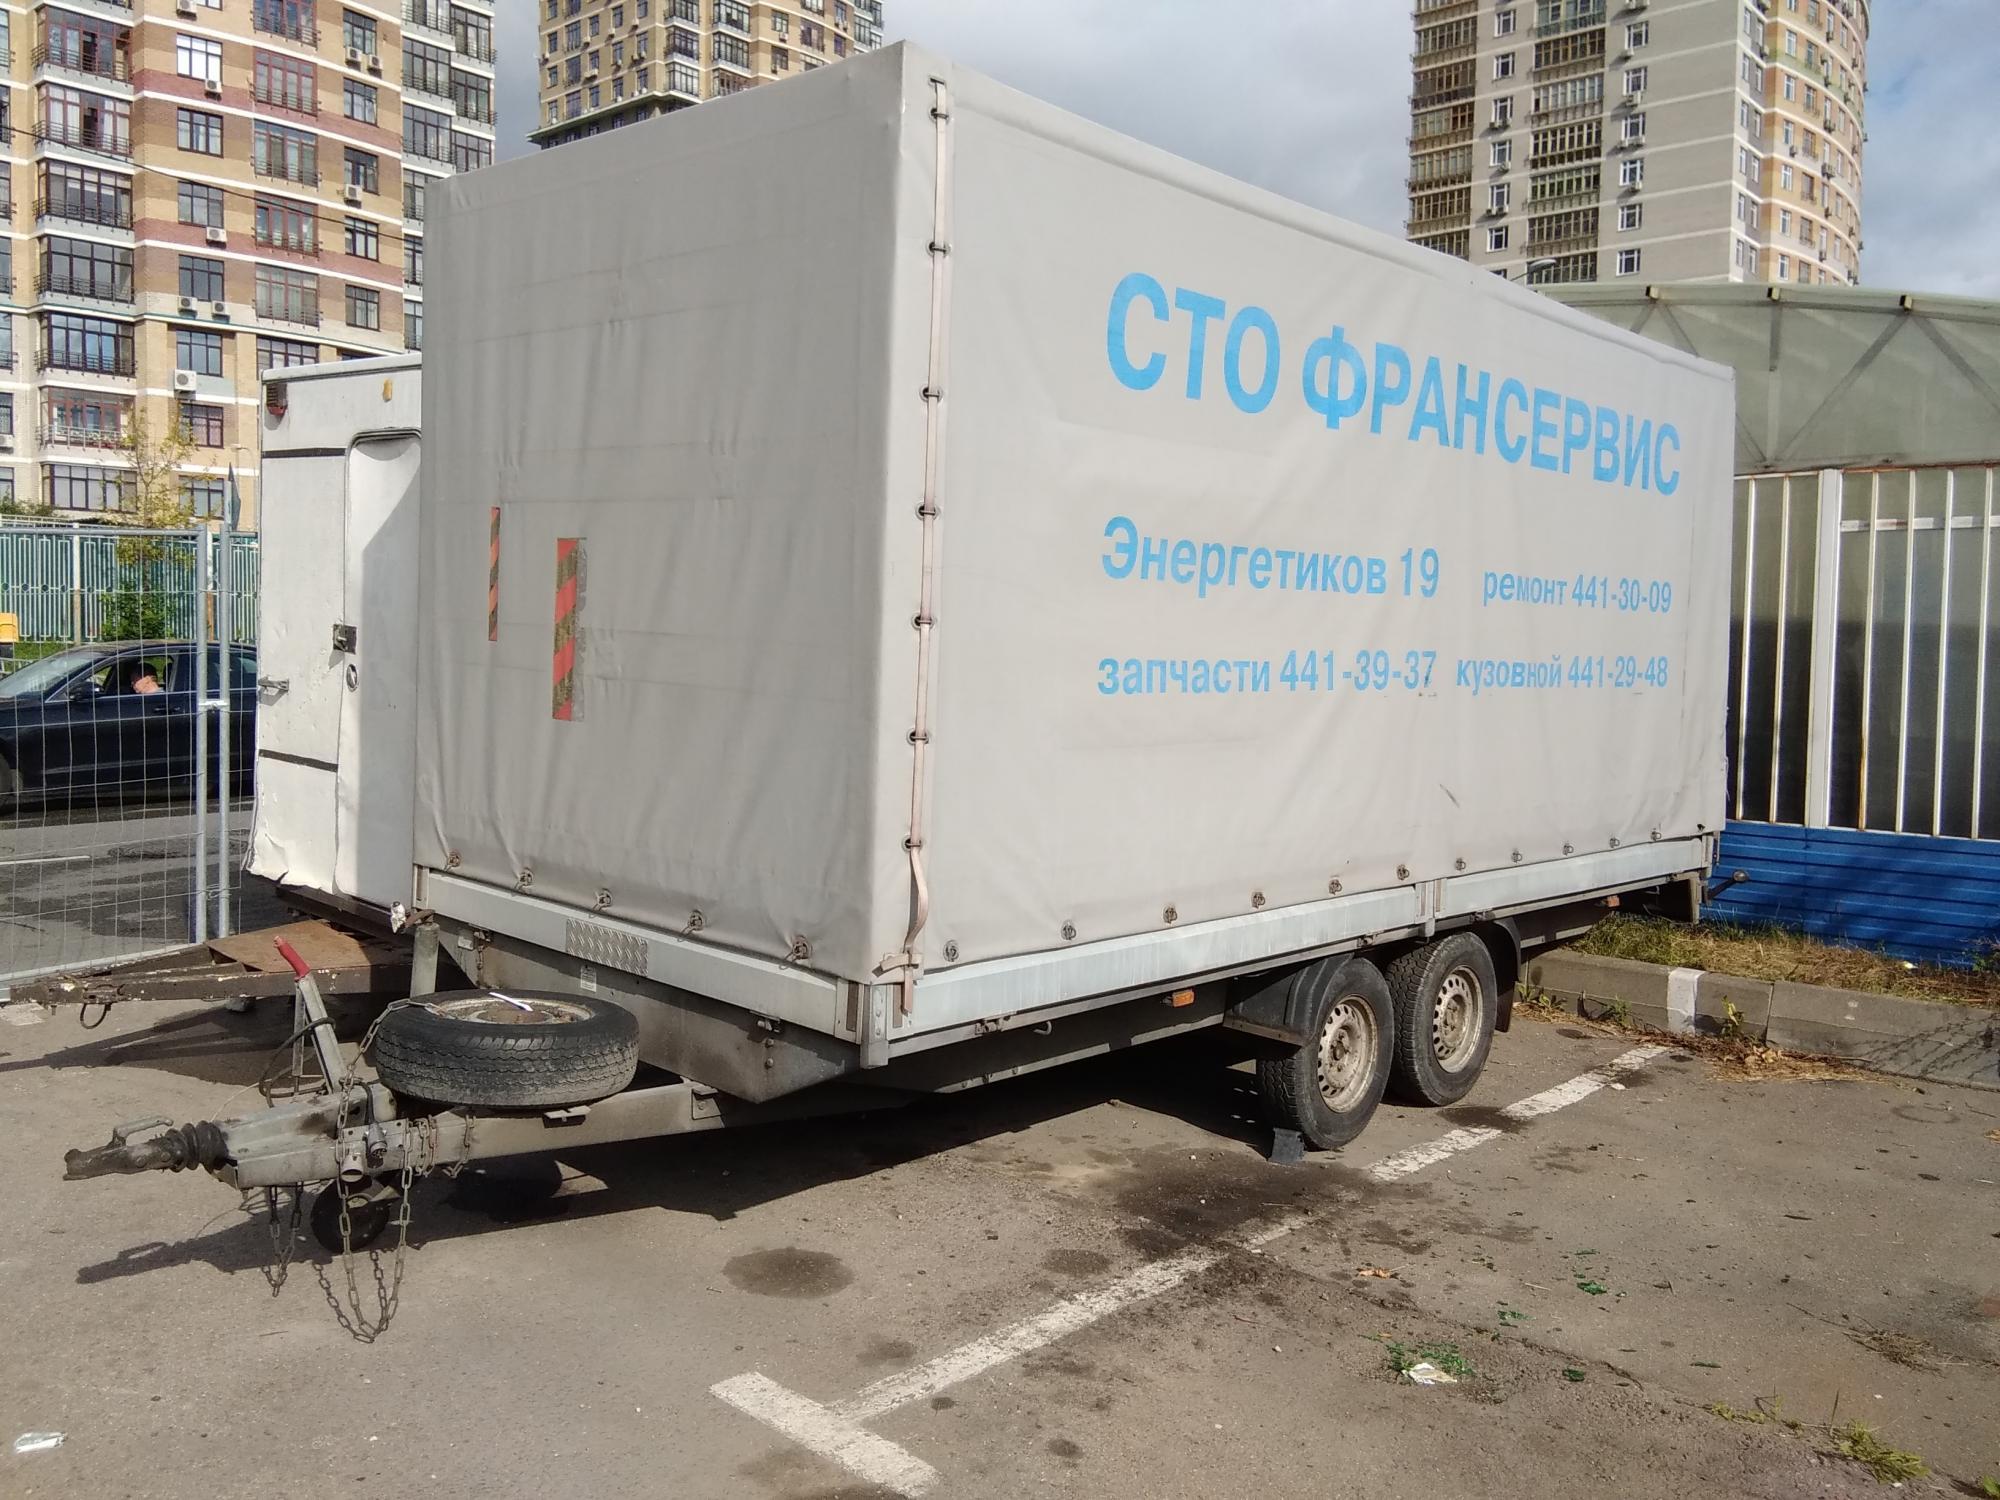 Прицеп для газели, легковой прицеп в Москве 89091582518 купить 1